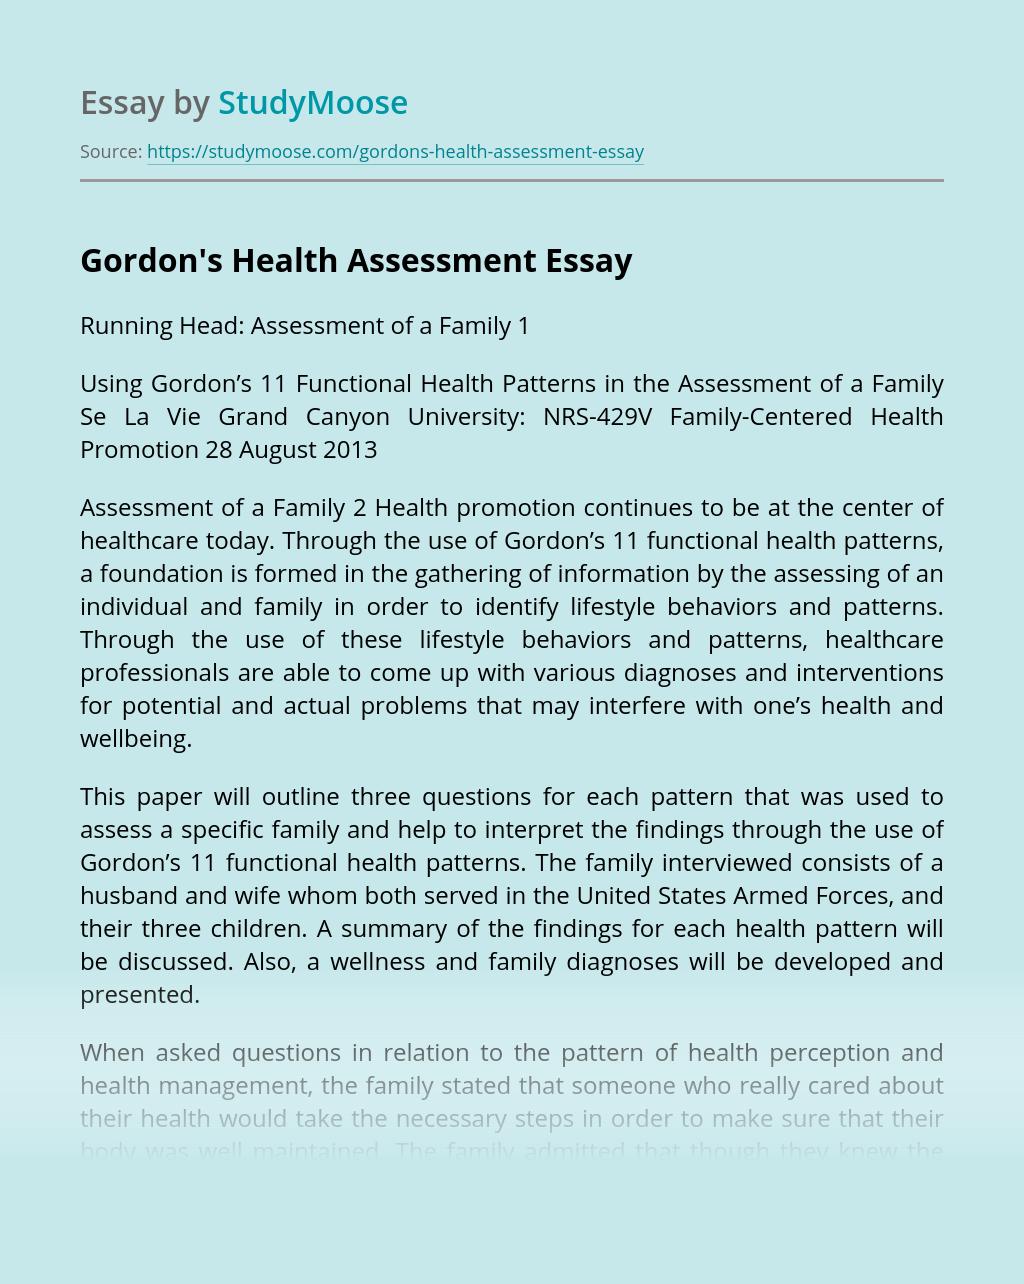 Gordon's Health Assessment